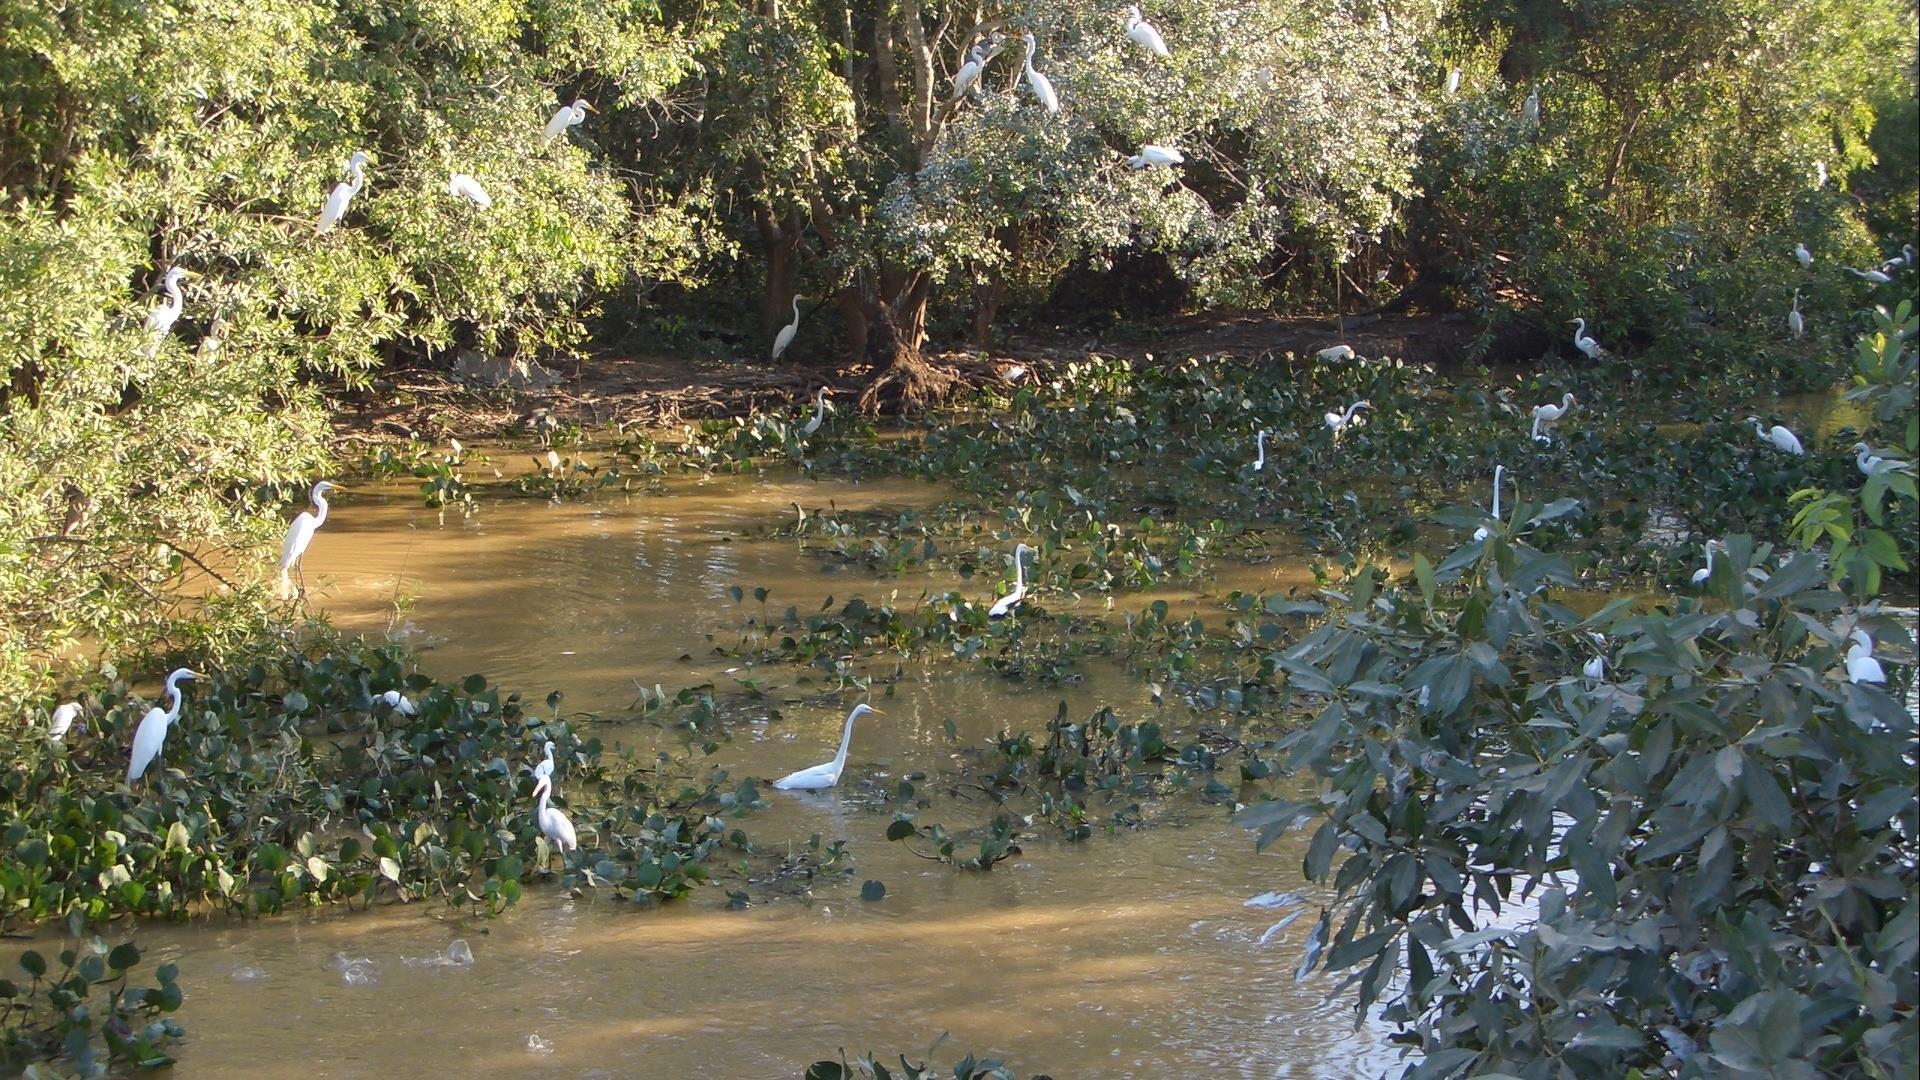 Brasilien Nord Pantanal: 4 Tage Reisebaustein - Pousada Rio Mutum Pantanal Eco Lodge naturnah erleben